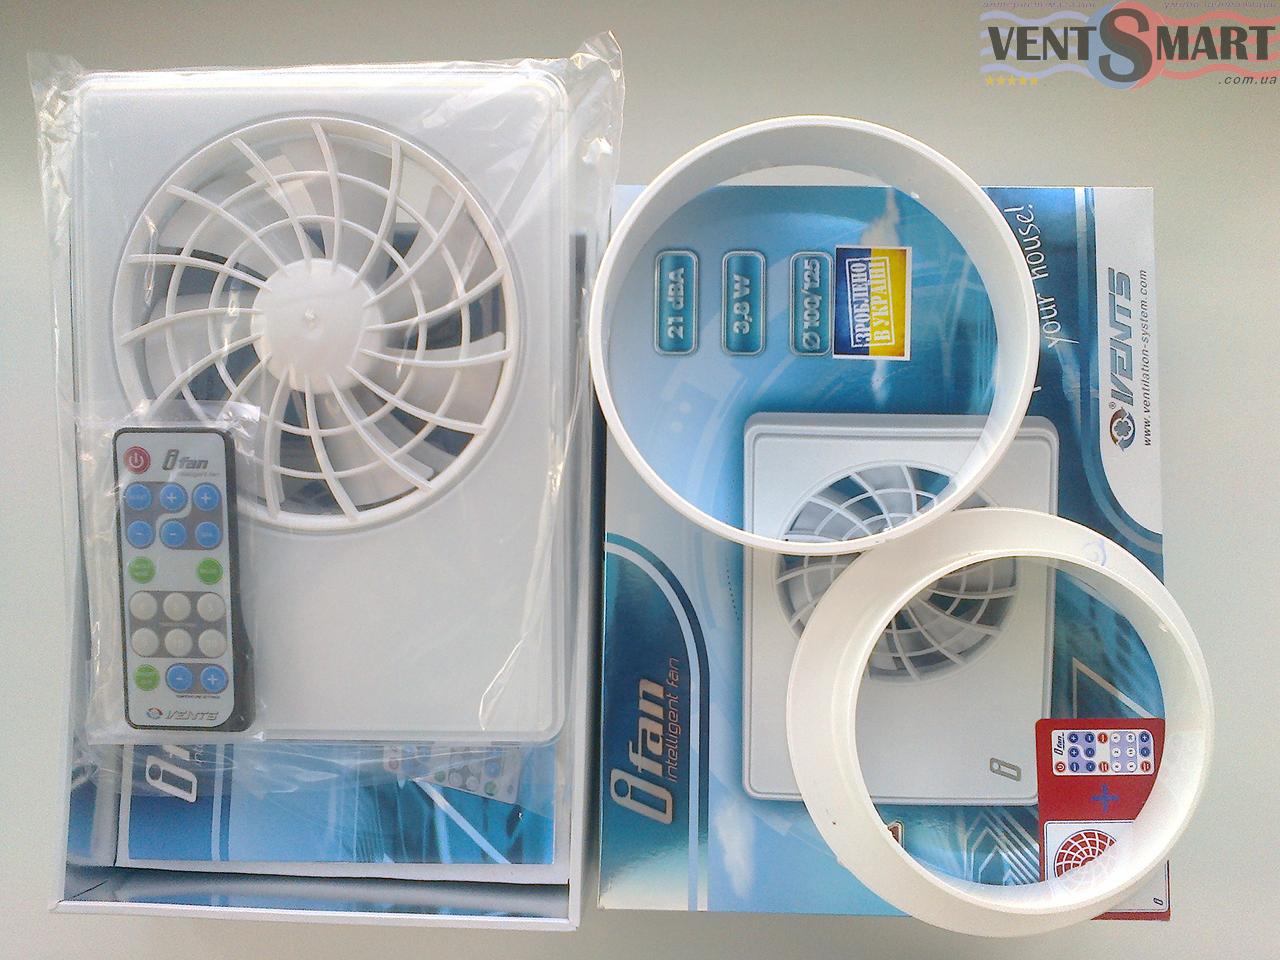 Комплект поставки умного вытяжного осевого вентилятора Вентс іФан и пульта управления вентилятором (пульт ДУ позволяет дистанционно управлять всеми функциями и режимами работы вентилятора)